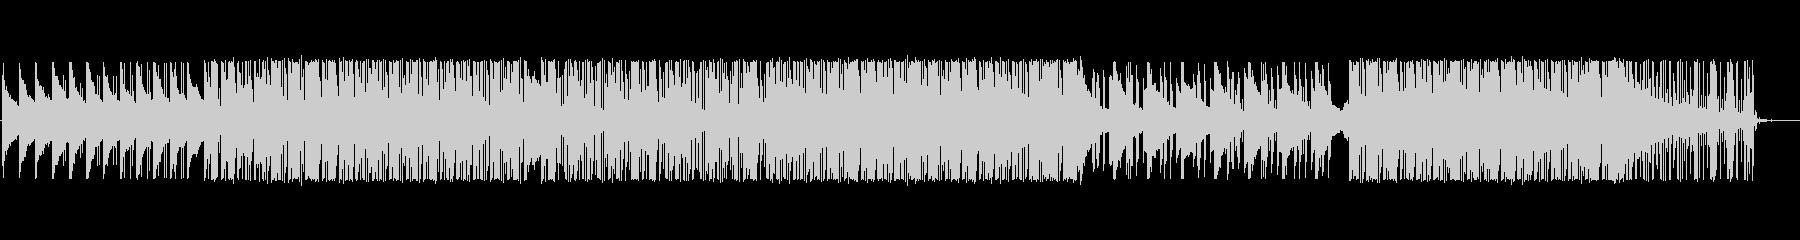 ソウル風ヒップホップトラックの未再生の波形